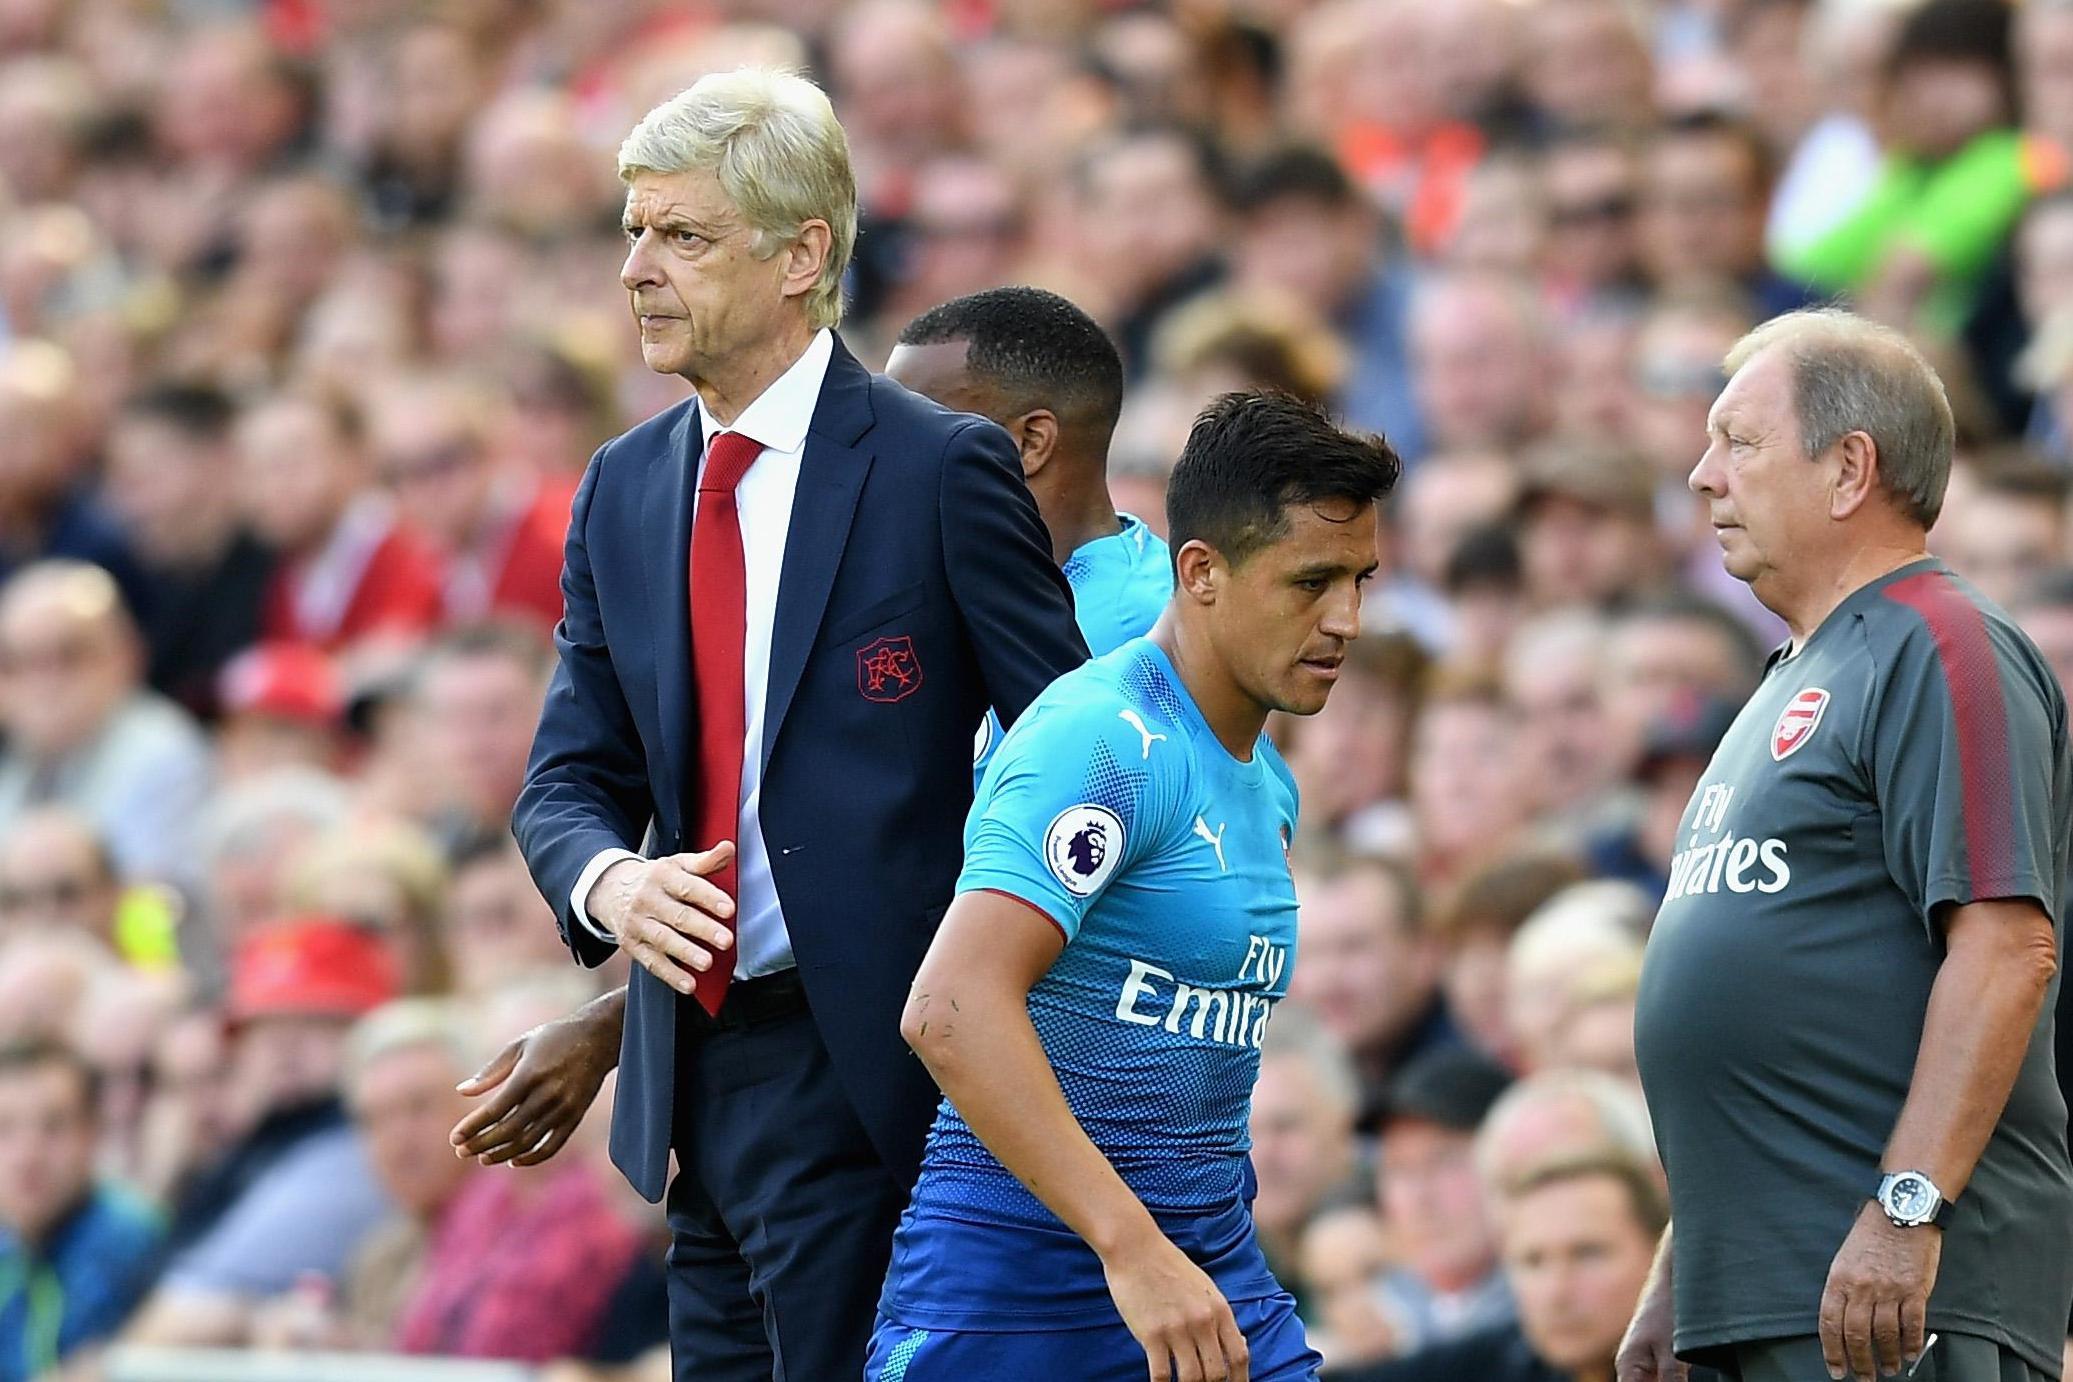 """XÁC NHẬN: Đào tẩu bất thành, Sanchez tuyên bố """"cạch mặt"""" Wenger, không muốn thi đấu một phút nào nữa cho Arsenal"""